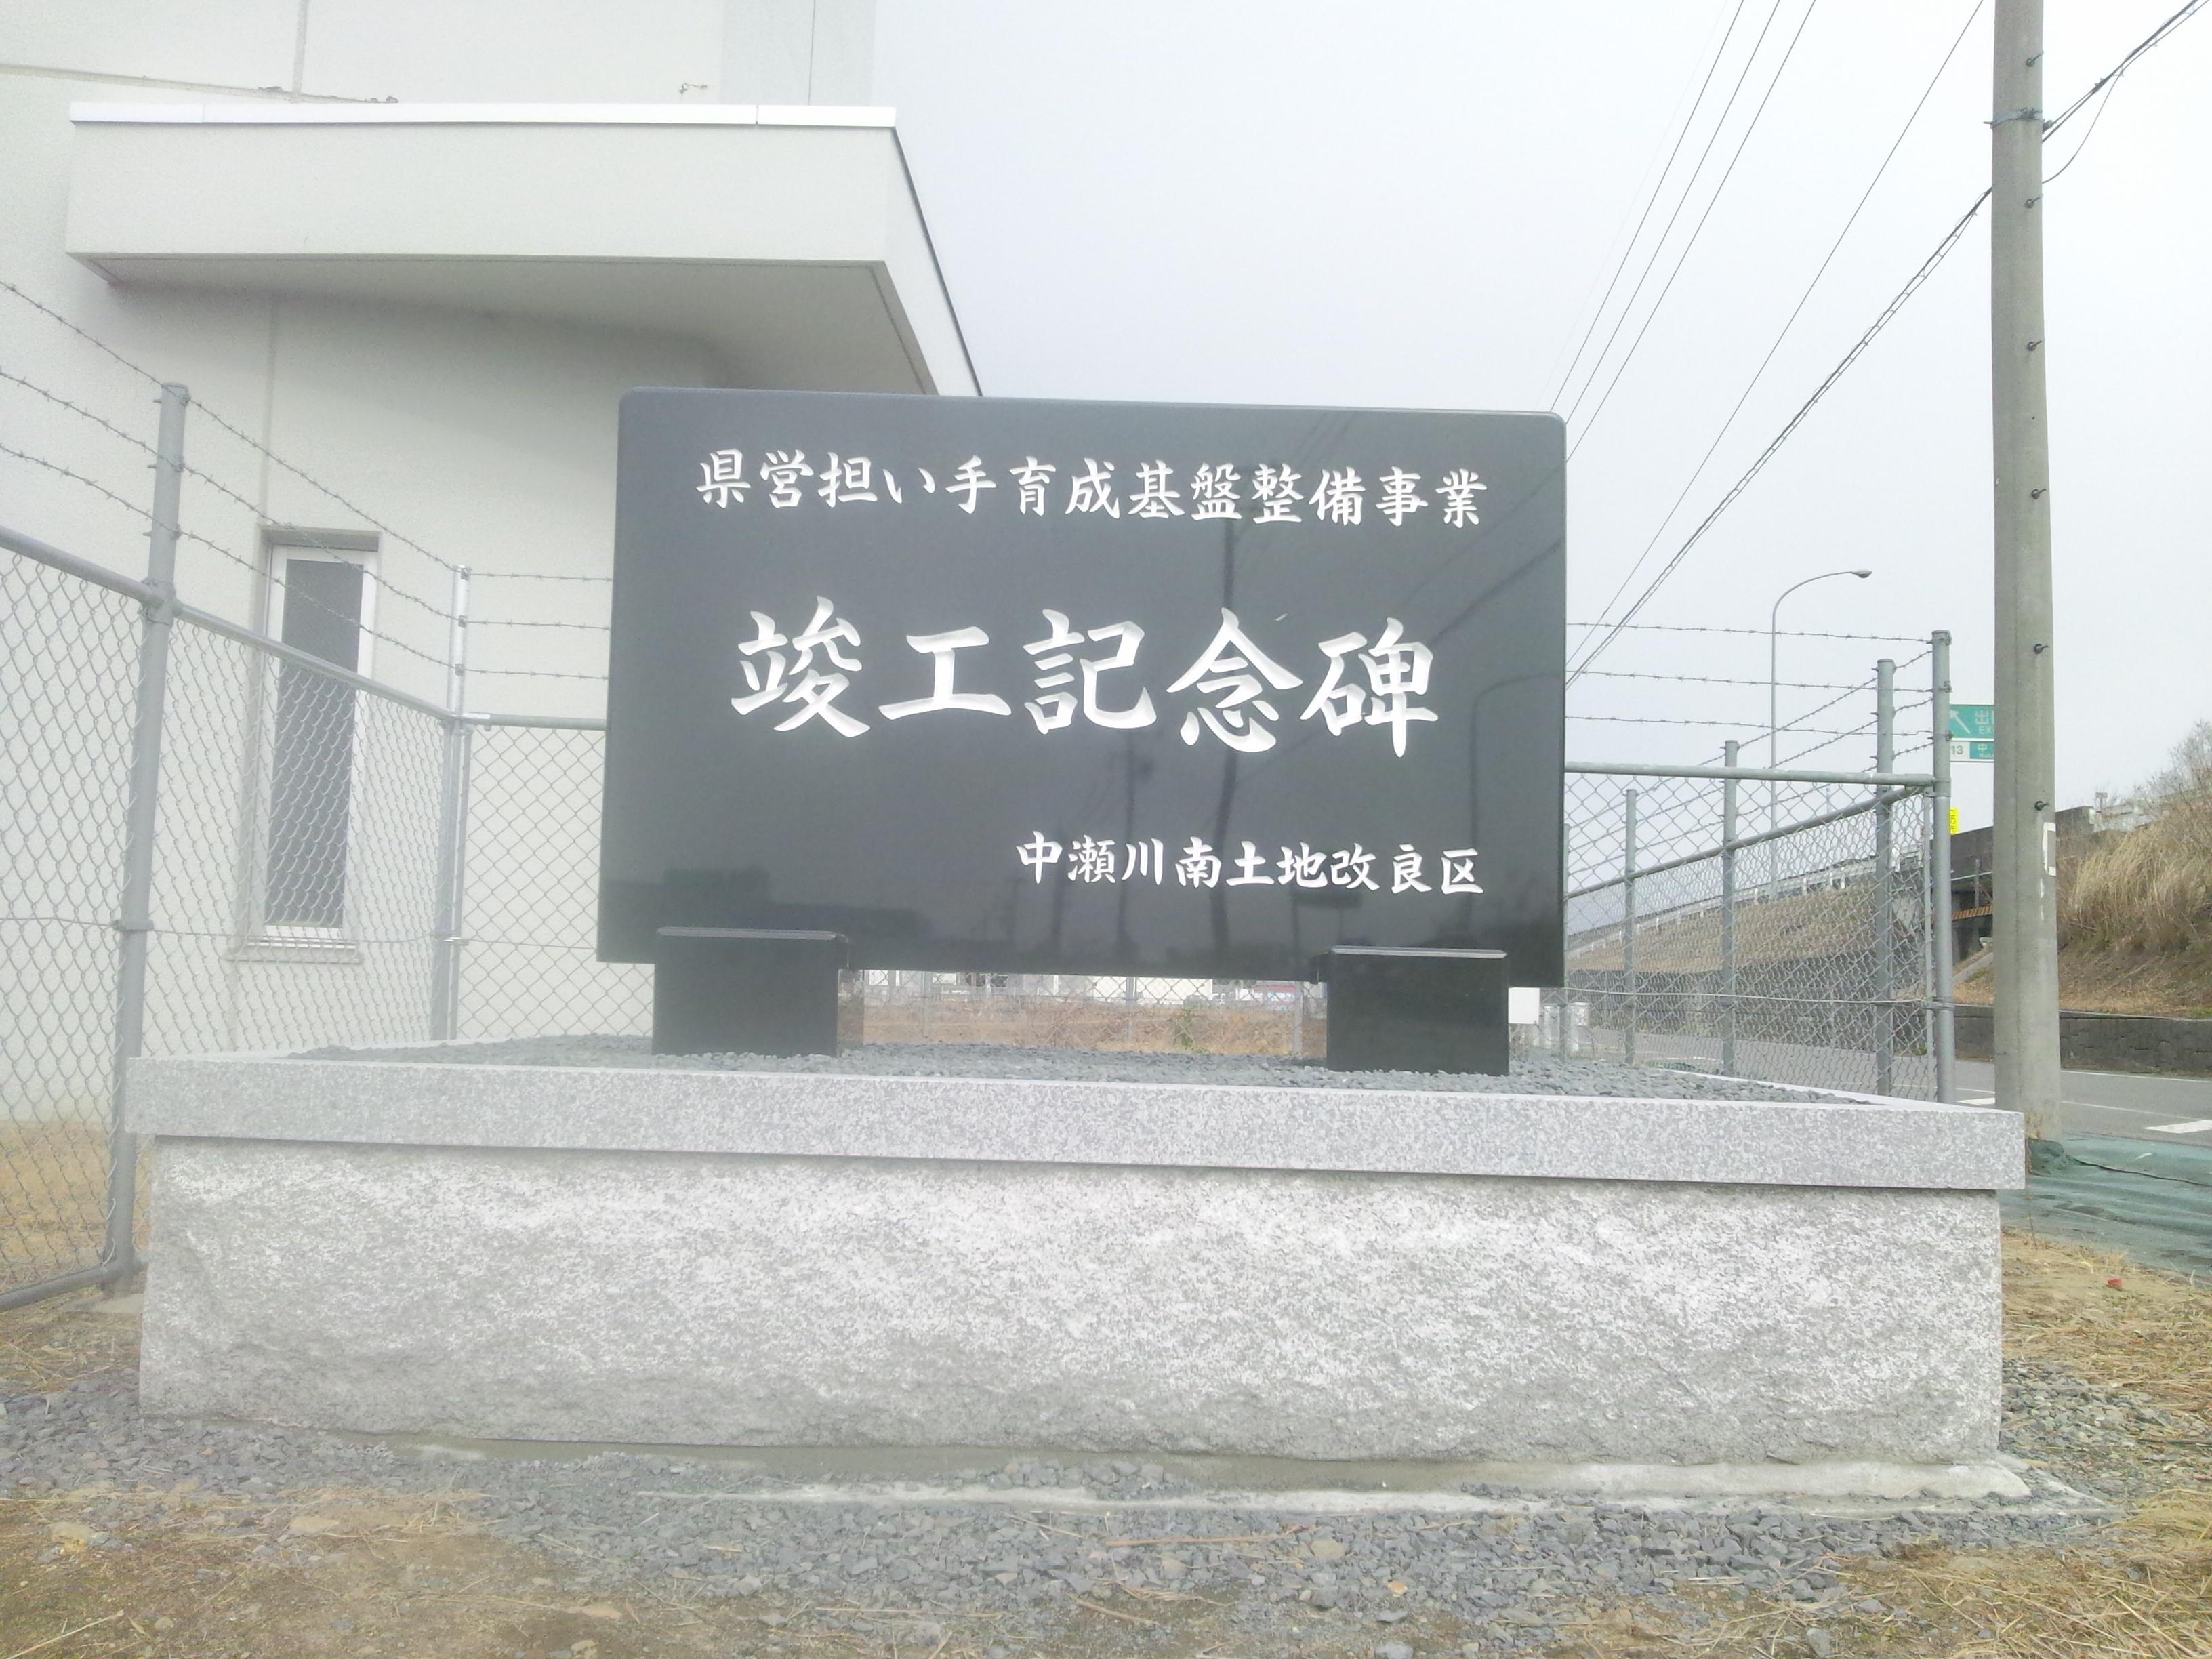 土地改良区竣工記念碑::株式会社...